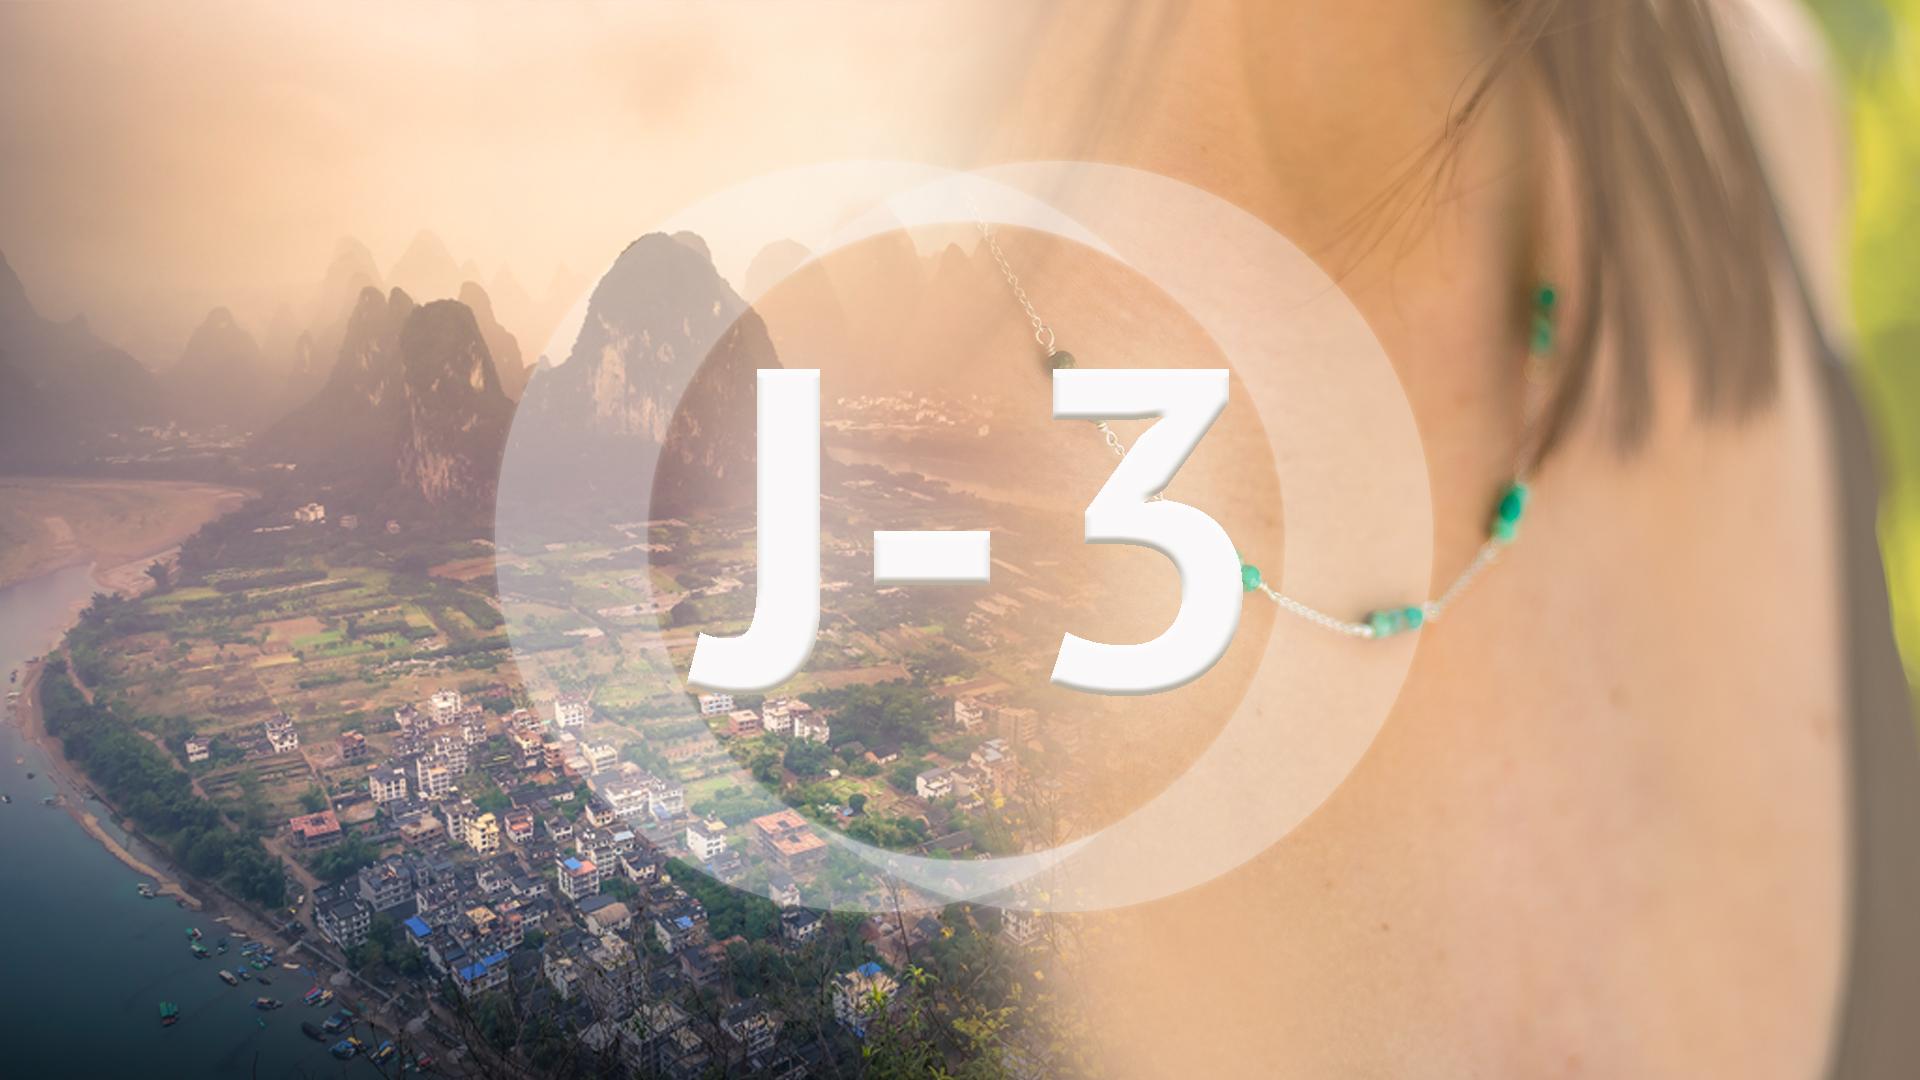 remicito photo 23-05-2016 J-3, exposition photographique, expo photo, photo exhibition, première expo, collaboration, travail photographique, photographe france, photographe paris